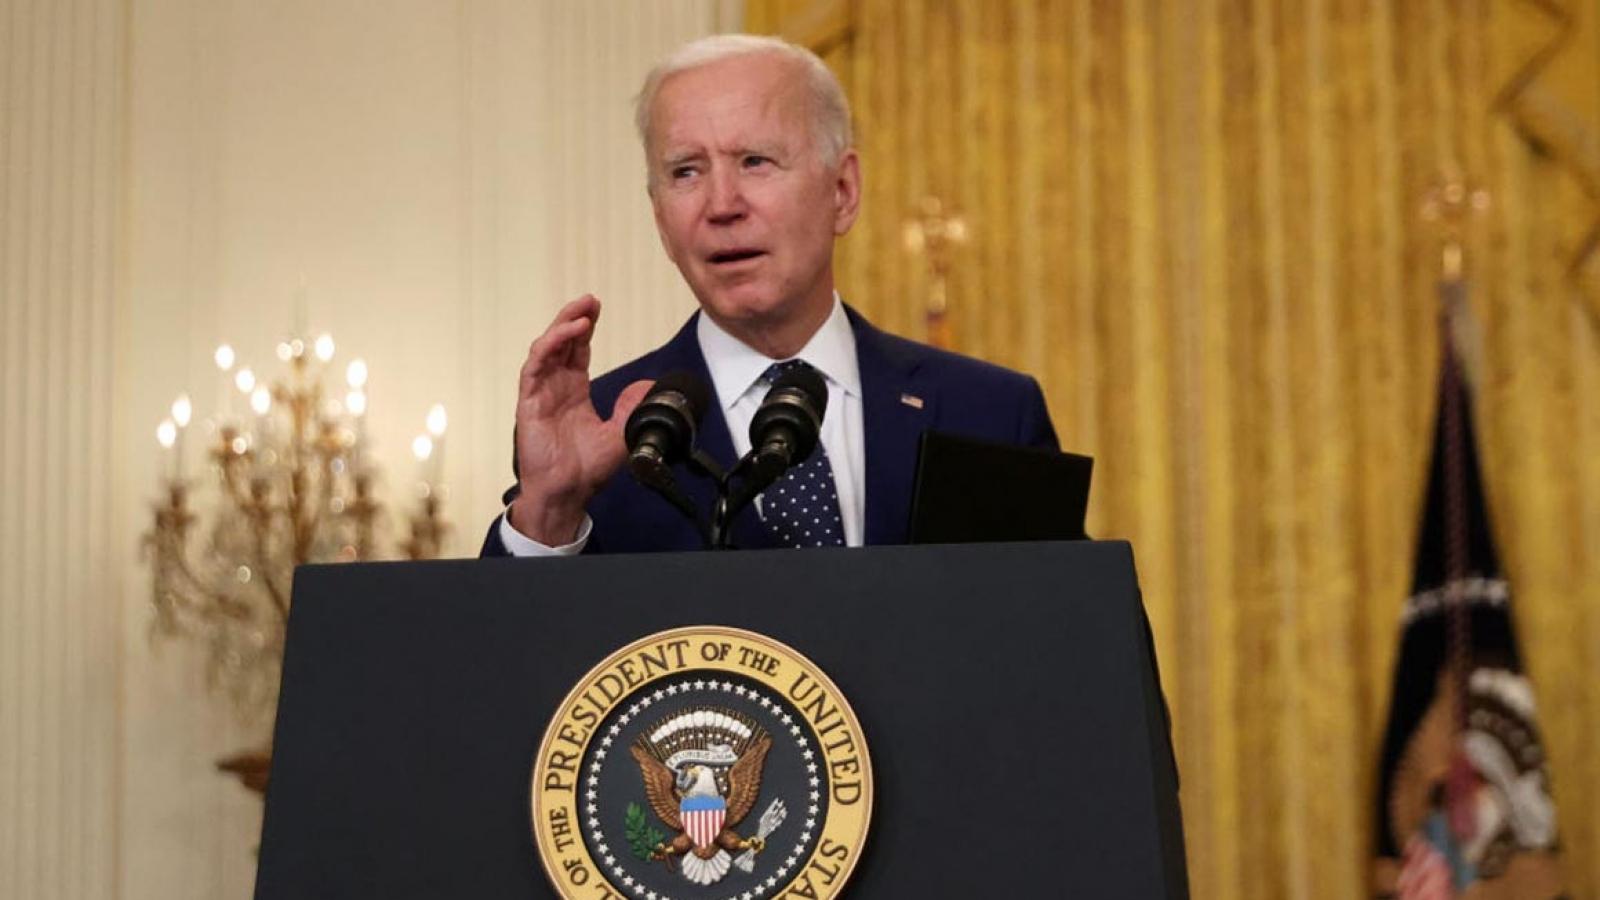 Biden biến Trung Quốc thành quân cờ để hàn gắn nước Mỹ và đoàn kết đồng minh